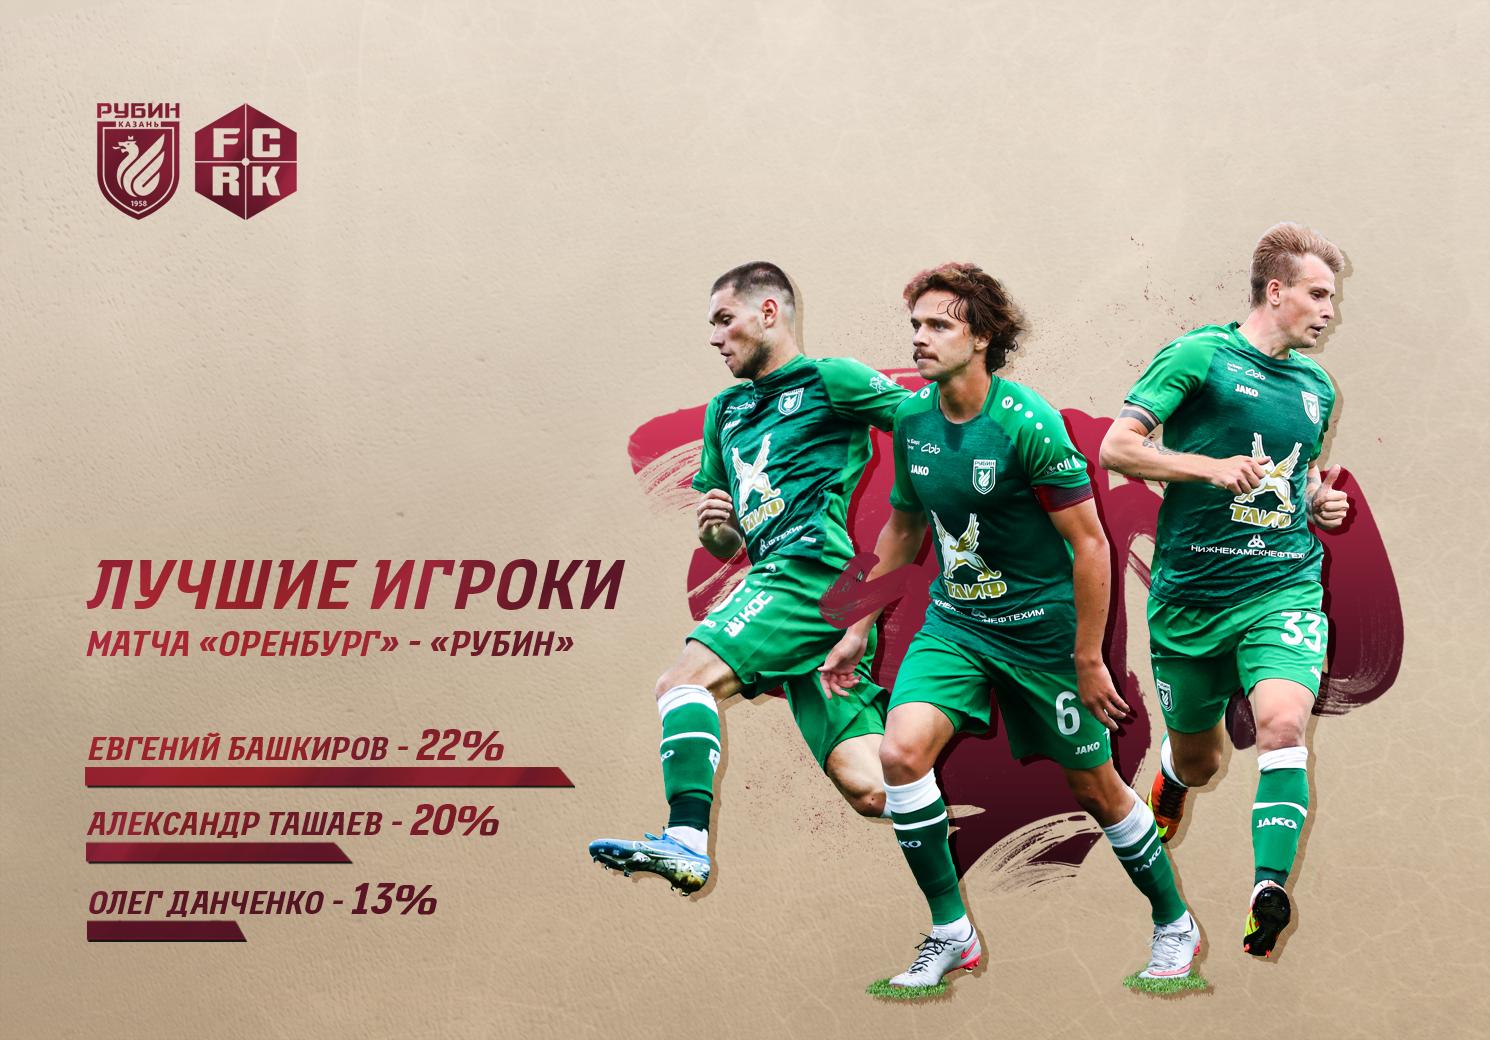 футбол зенит оренбург сегодня прямой эфир матч премьер